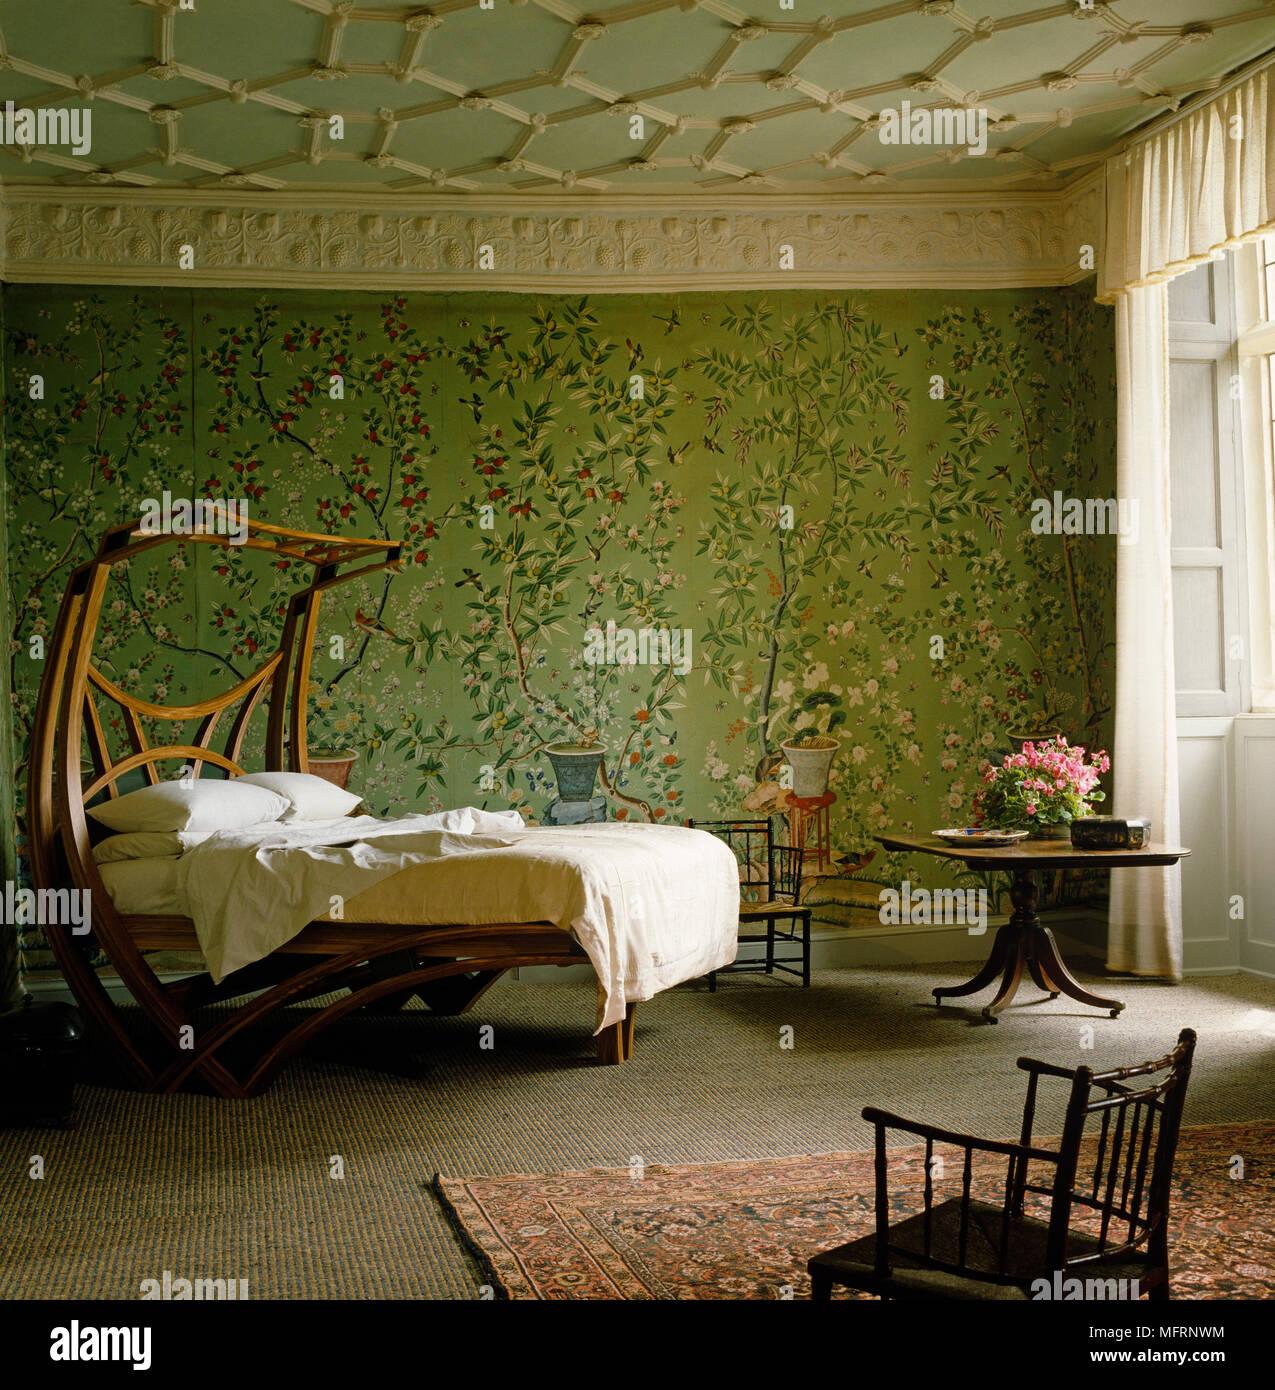 Camera Letto Carta Parati artigianato in legno in stile letto in camera verde con